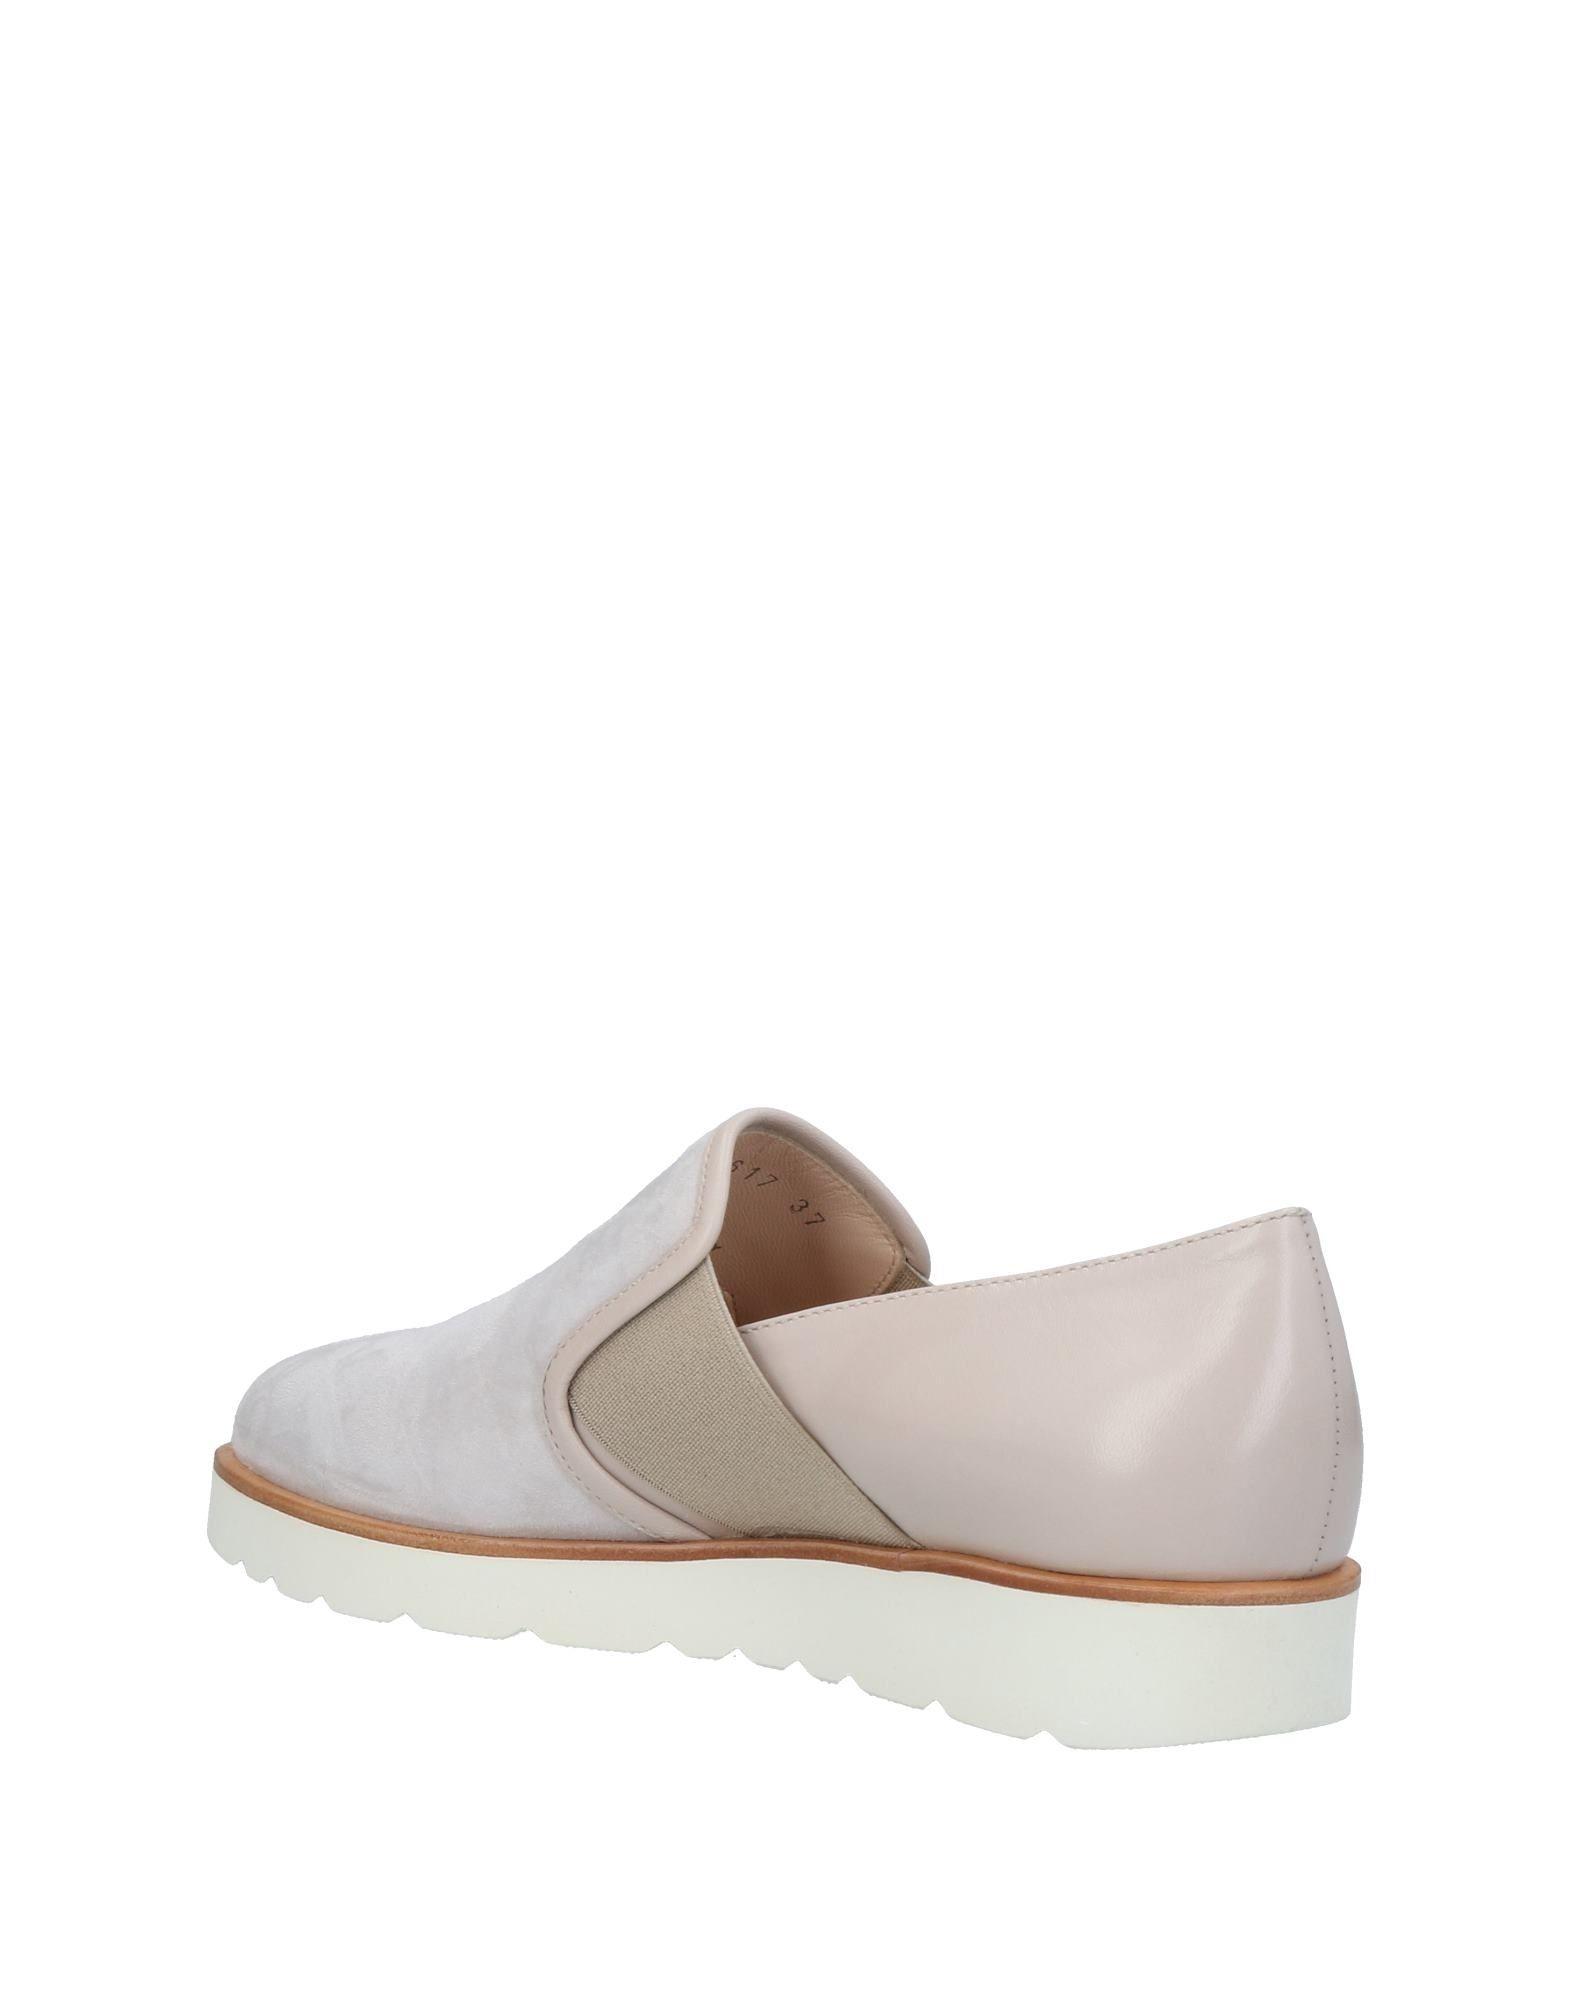 Fabiana Filippi Sneakers - Women Fabiana Filippi Filippi Filippi Sneakers online on  United Kingdom - 11443861GW 6d3842